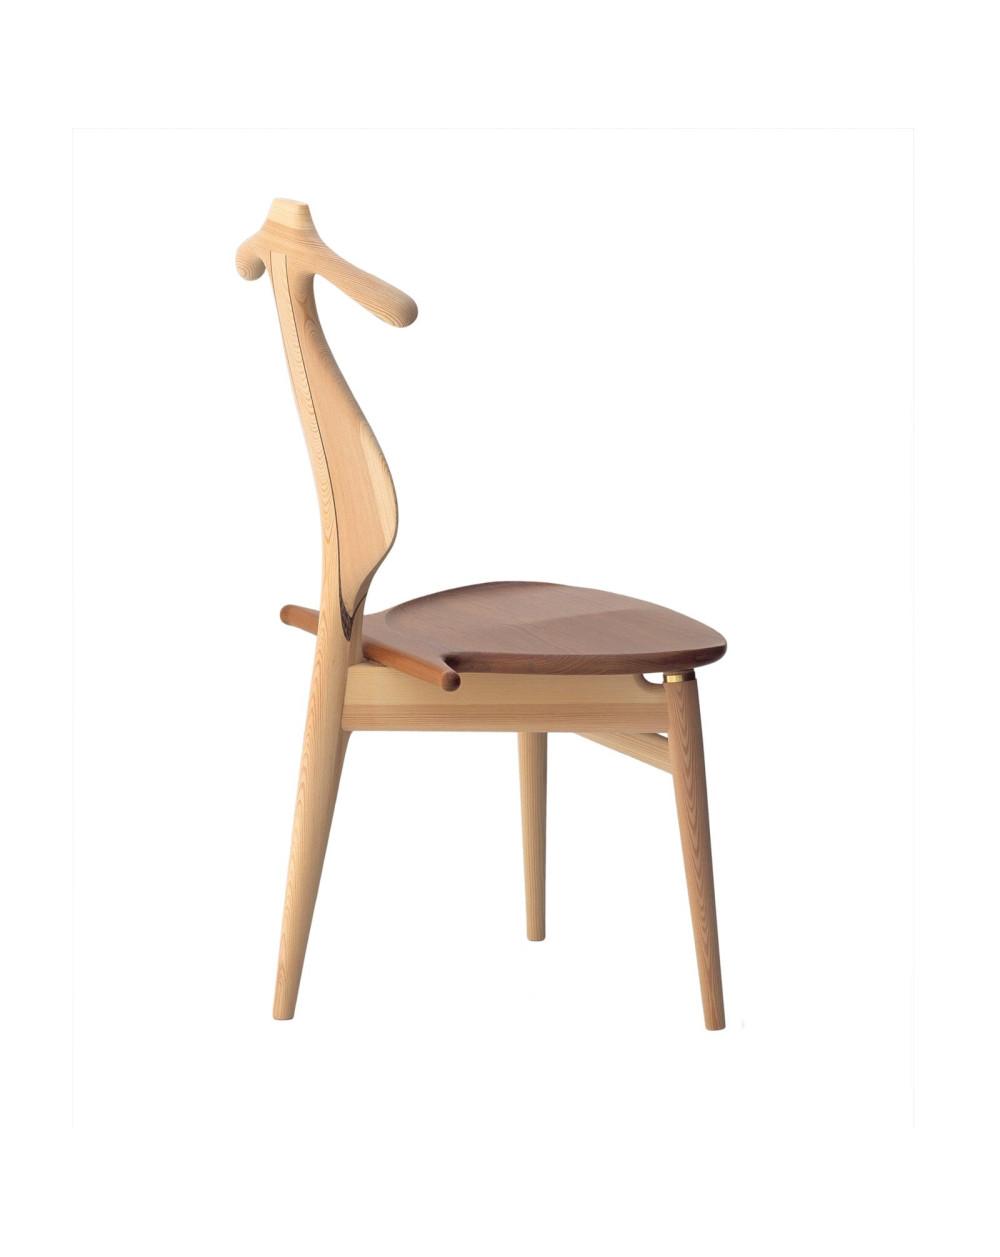 Chaise Valet de Hans Wegner - La boutique danoise